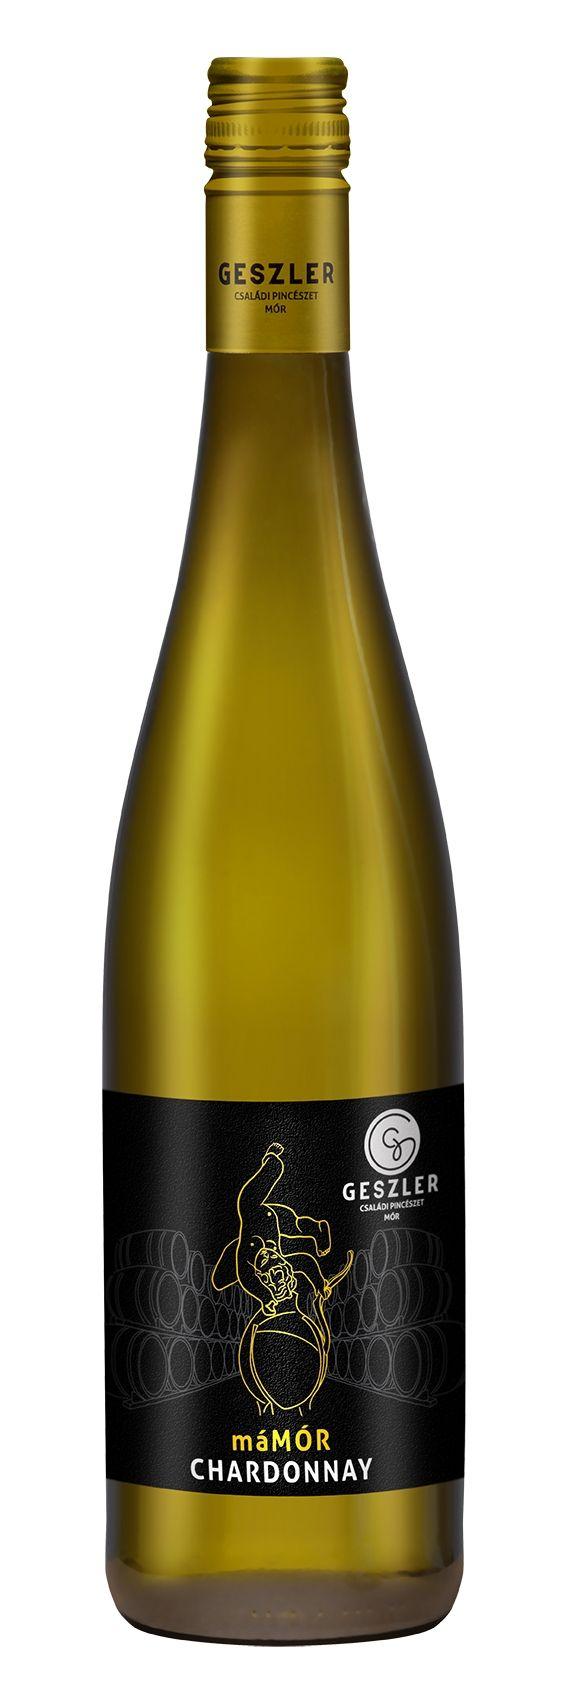 """VinAgora 2016 sikerek Hadd osszuk meg legfrissebb örömünket. A 17. VinAgora Nemzetközi Borverseny legjobb Chardonnay bora (azaz a verseny """"VinAgora legjobb magyar fajtabora"""") móri lett, pincészetünk 2015-ös máMÓR Chardonnay bora, míg Móri Chardonnay borunk ezüst érmet kapott, de ilyen mezőnyben, ennyi ország között az ezüst is csodaszépen csillog, pláne egy világfajtával. http://www.geszlerpince.hu/vinagora-2016-sikerek"""